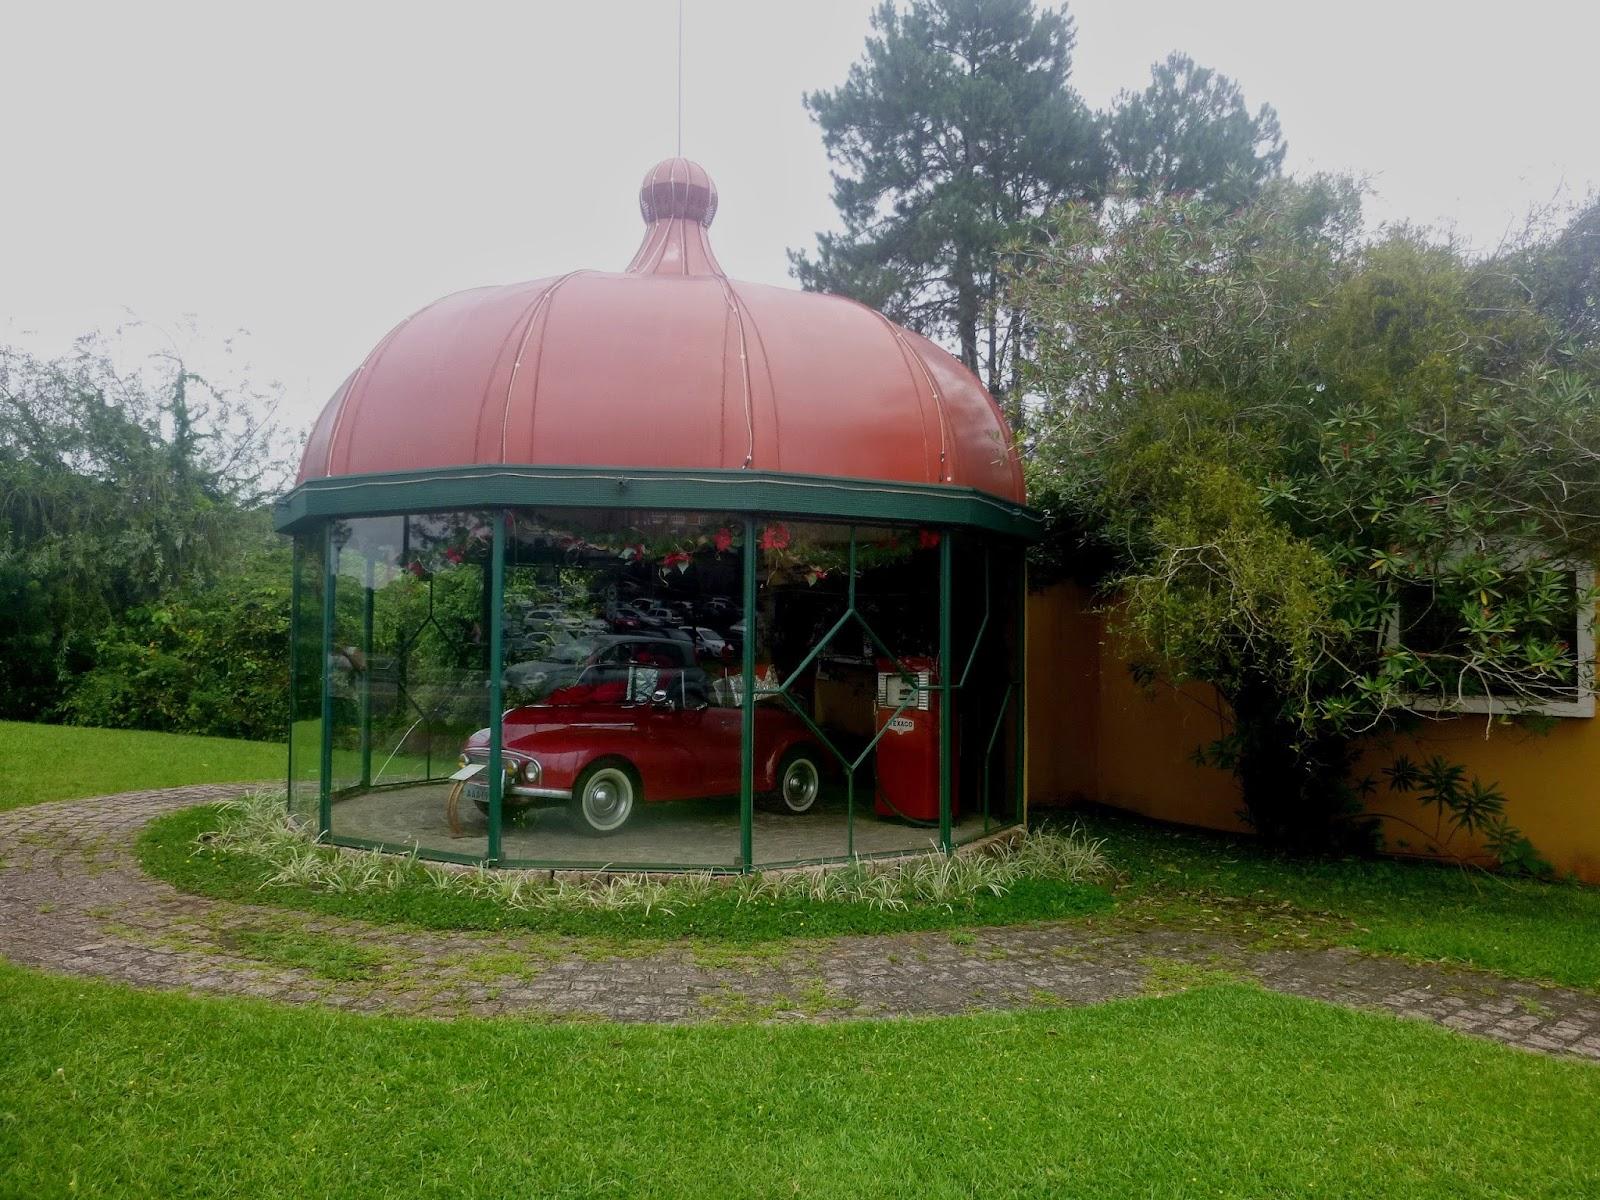 Museu do automóvel - Parque Barigui - Curitiba - TURISMO E VIAGEM